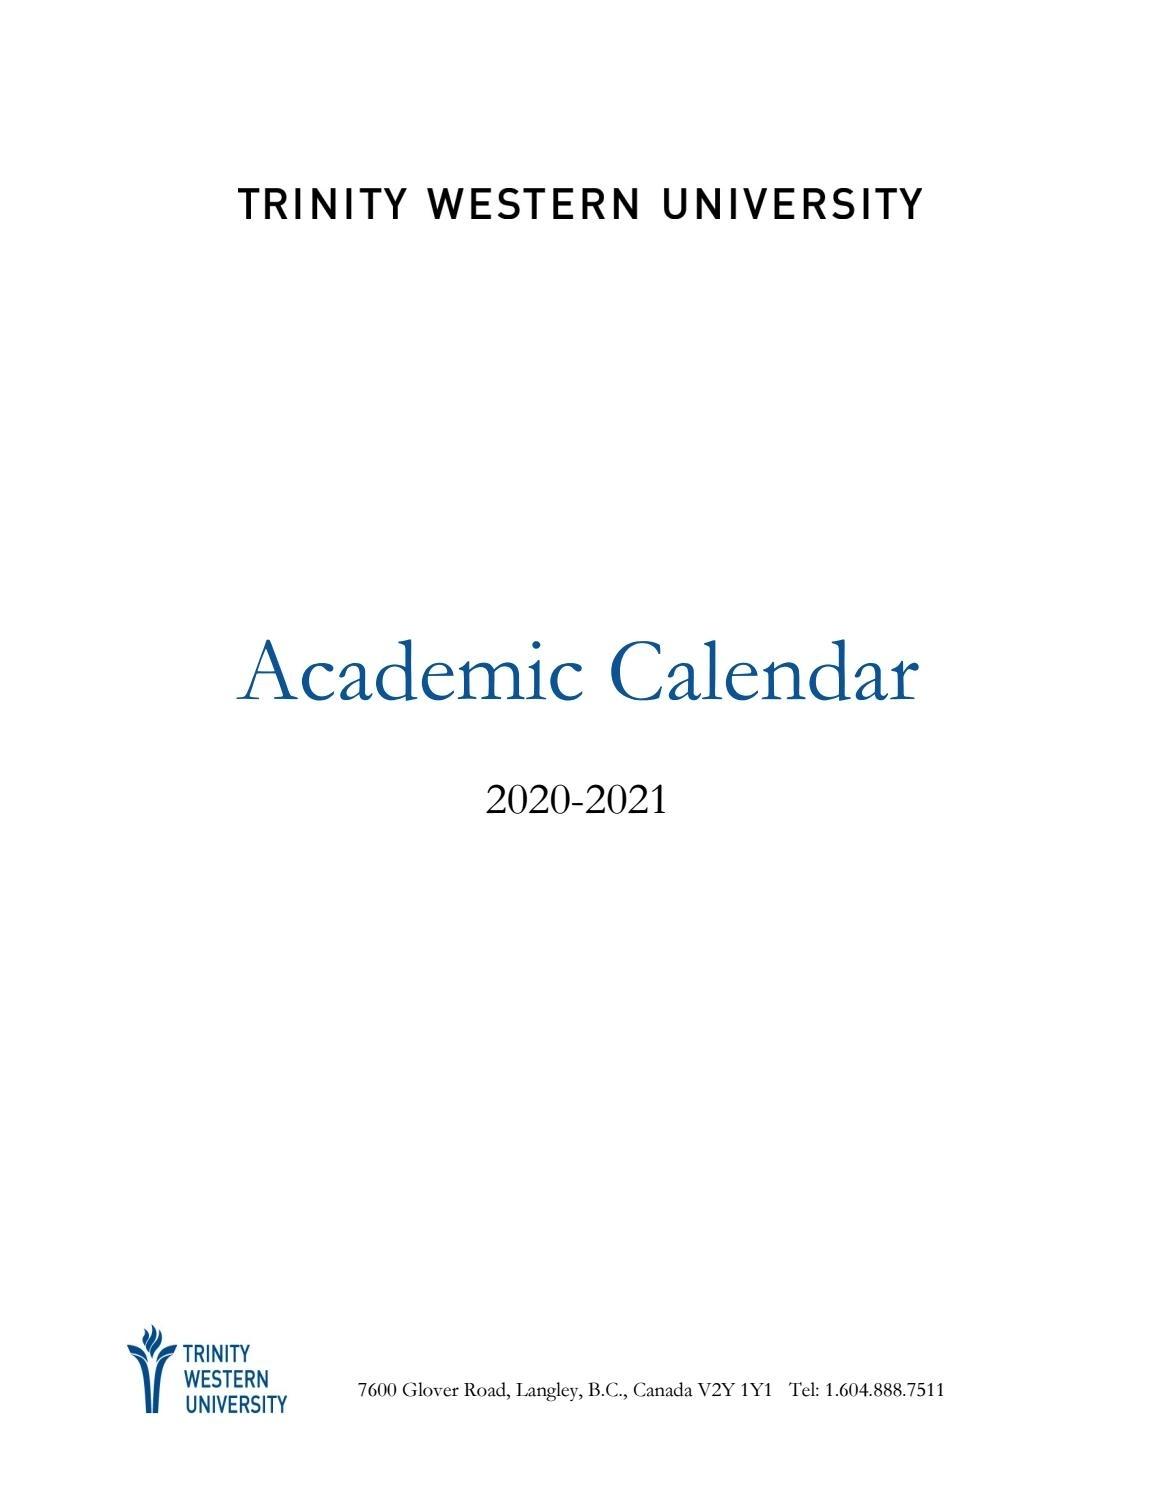 Academic Calendar 2020-21Twu - Issuu within U Of T 2020-2021 Academic Calendar